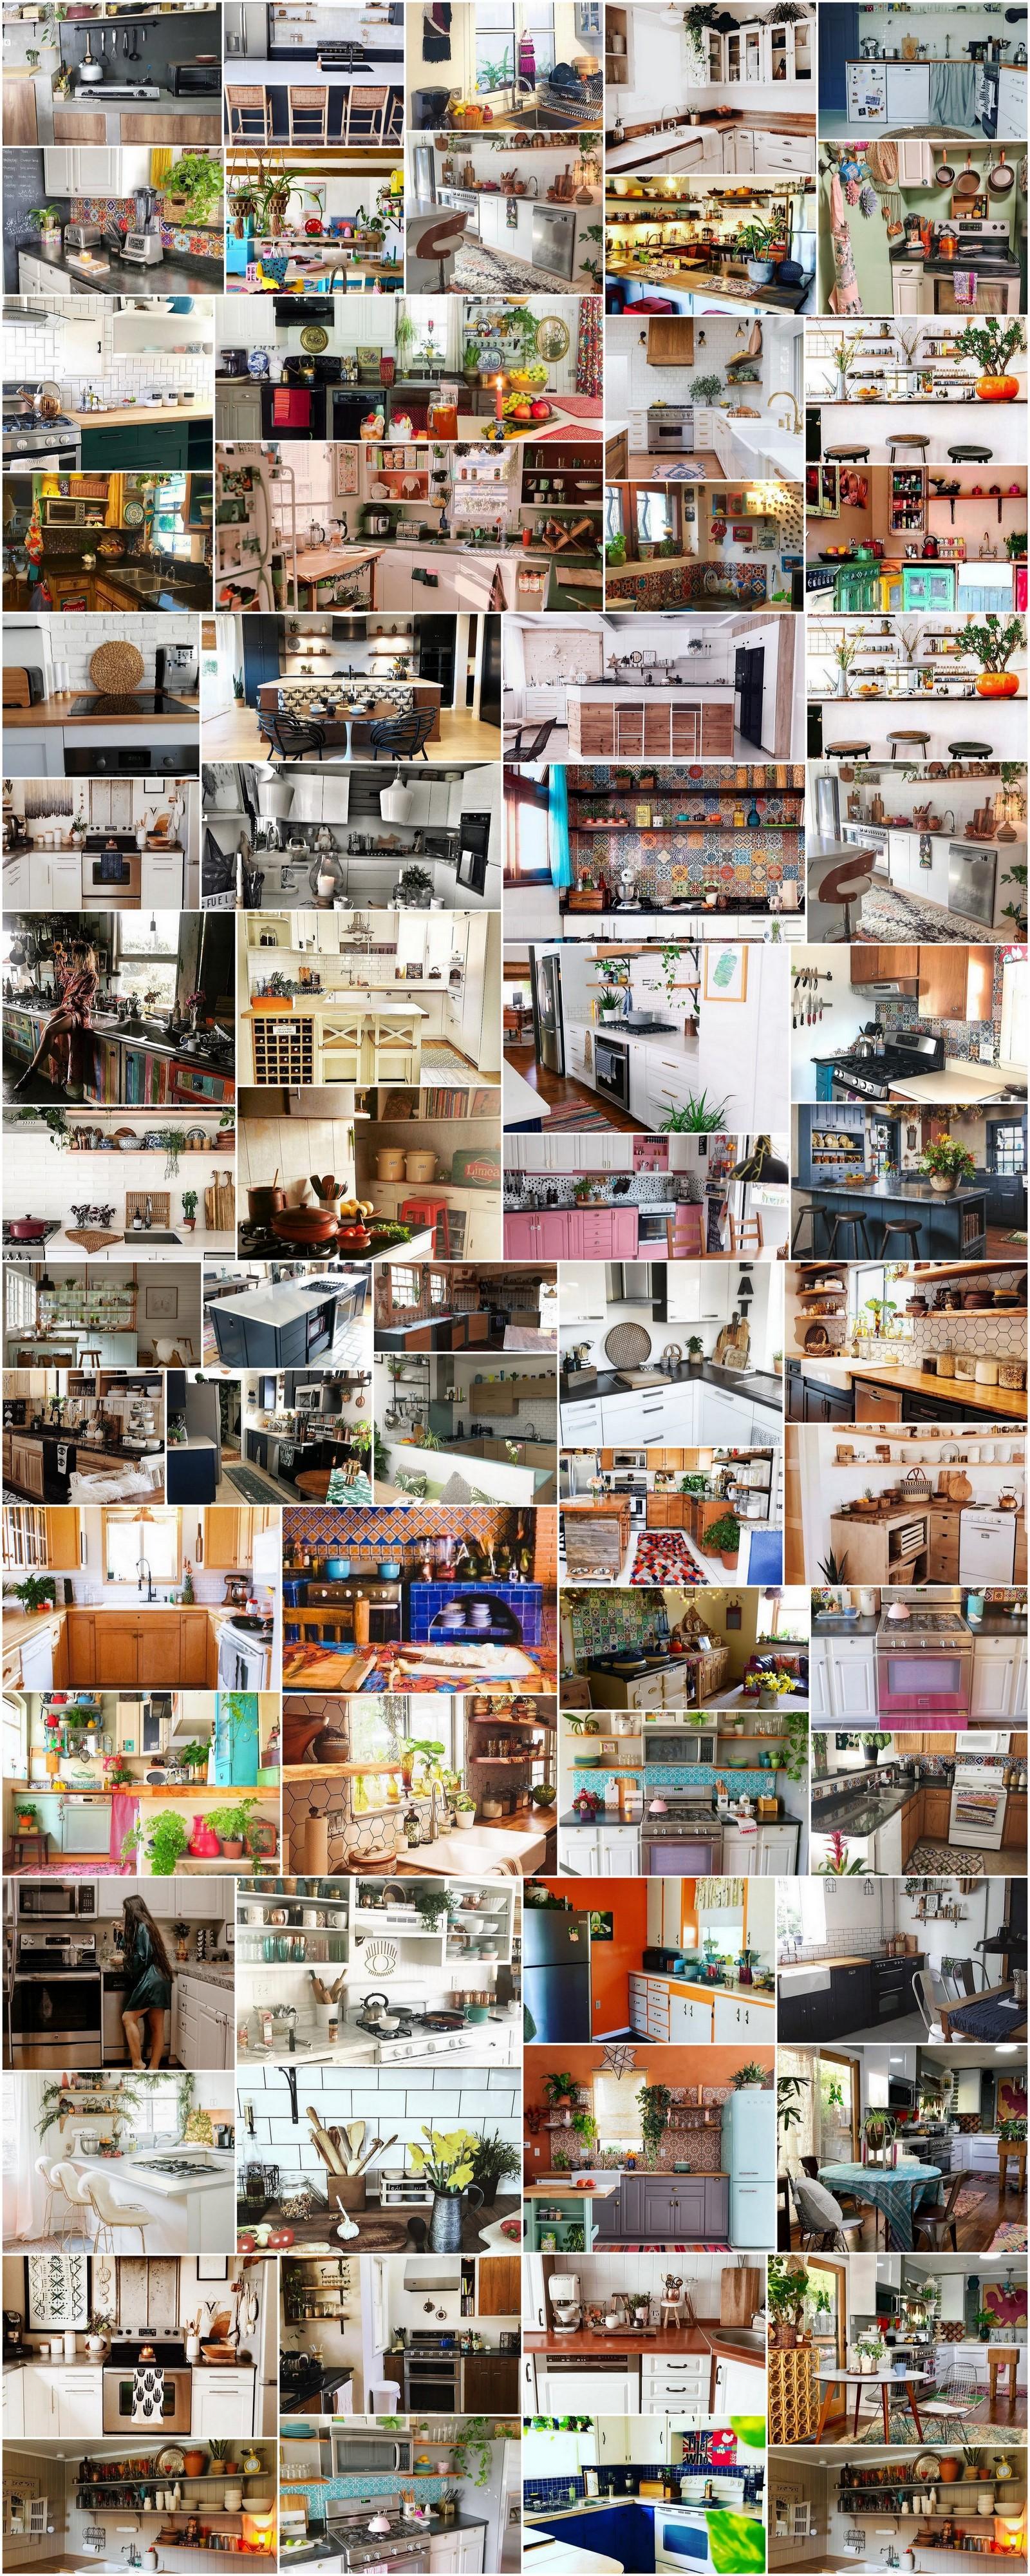 Top Ideas To Get Boho Style Kitchen Hippie Boho Gypsy